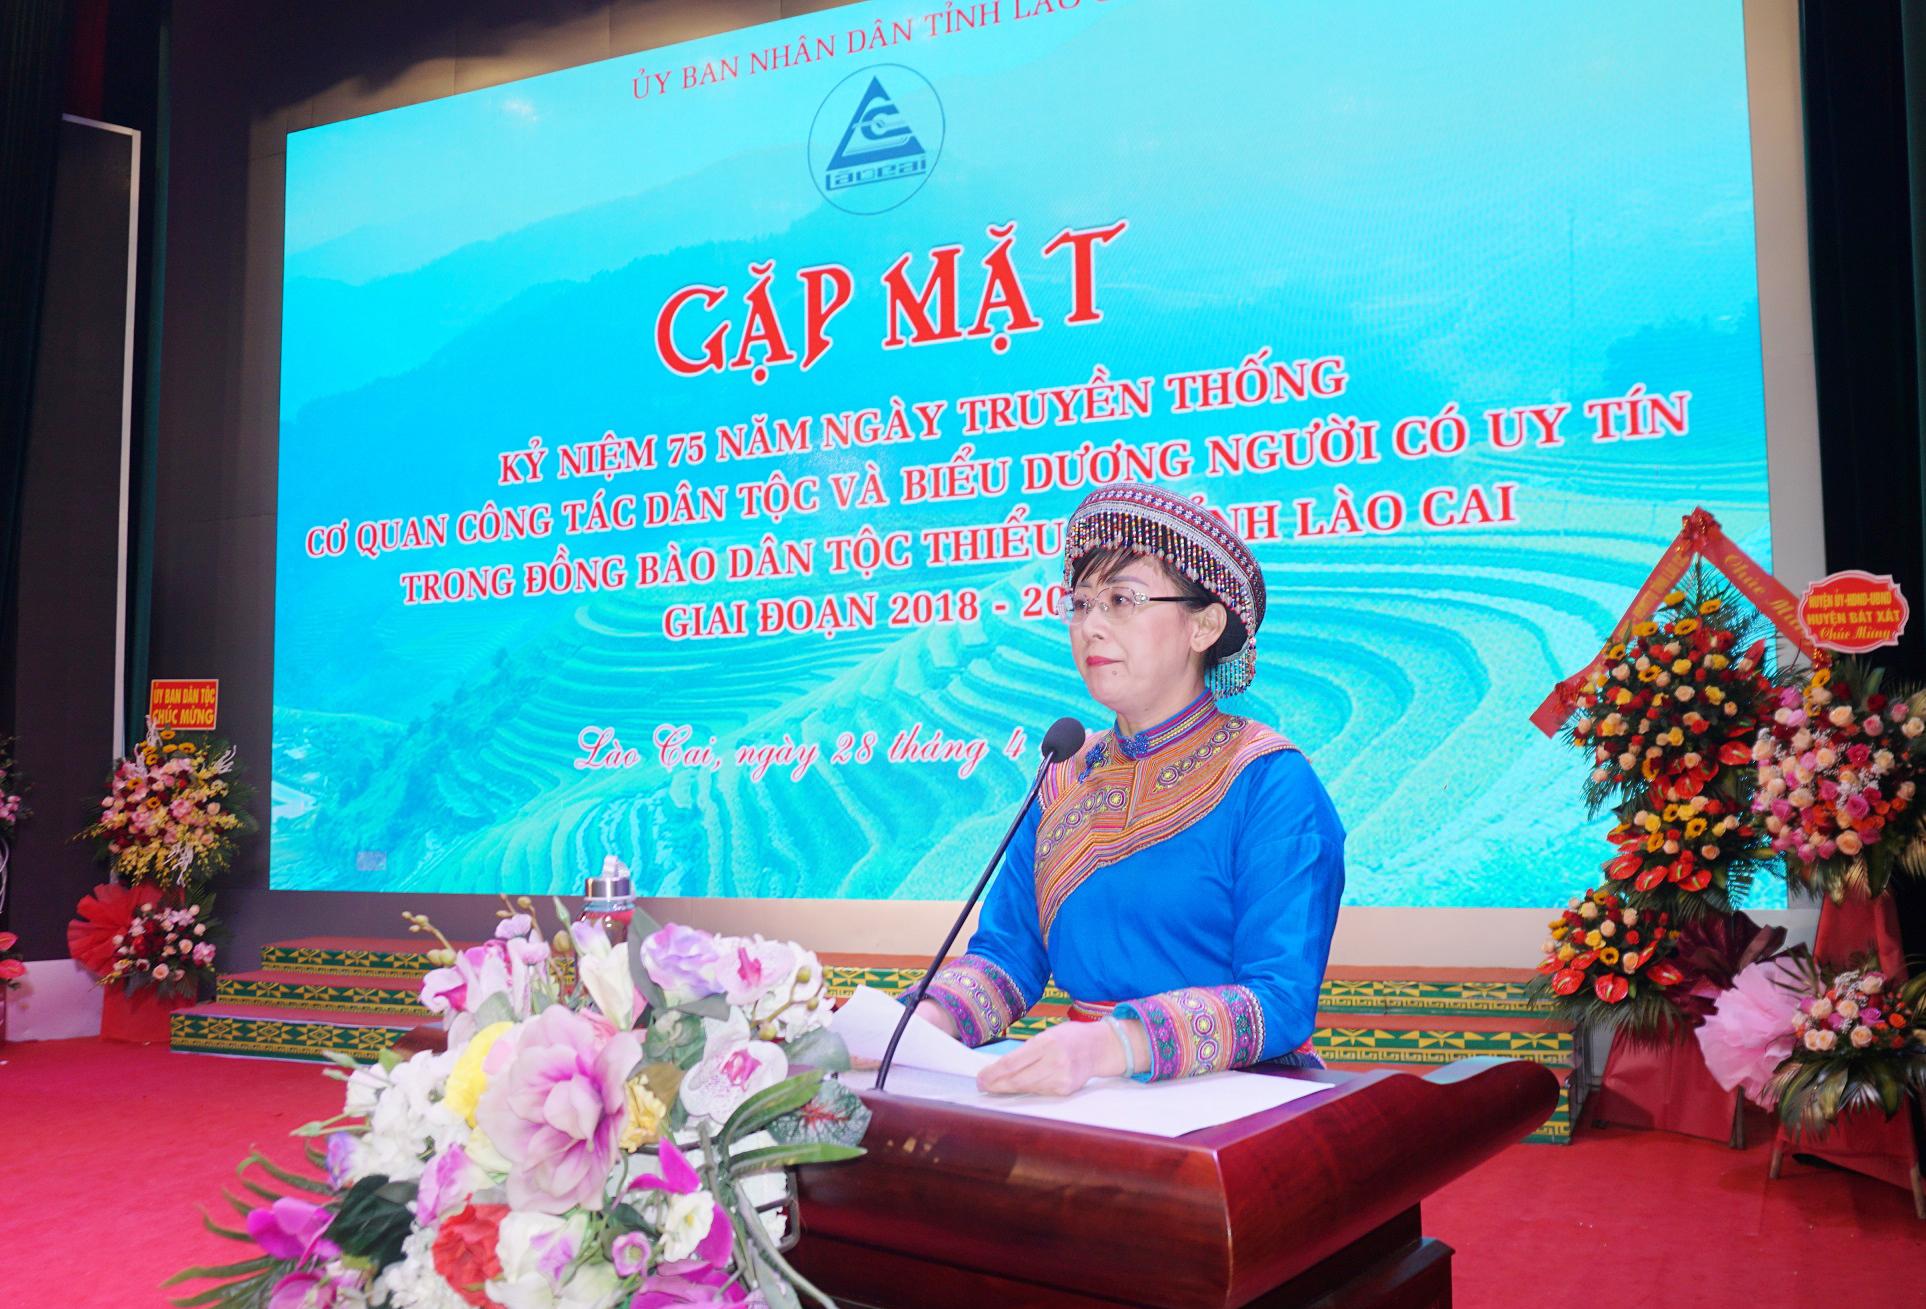 Phó Chủ tịch UBND tỉnh Lào Cai Giàng Thị Dung đọc diễn văn ôn lại truyền thống cơ quan công tác dân tộc tại Hội nghị